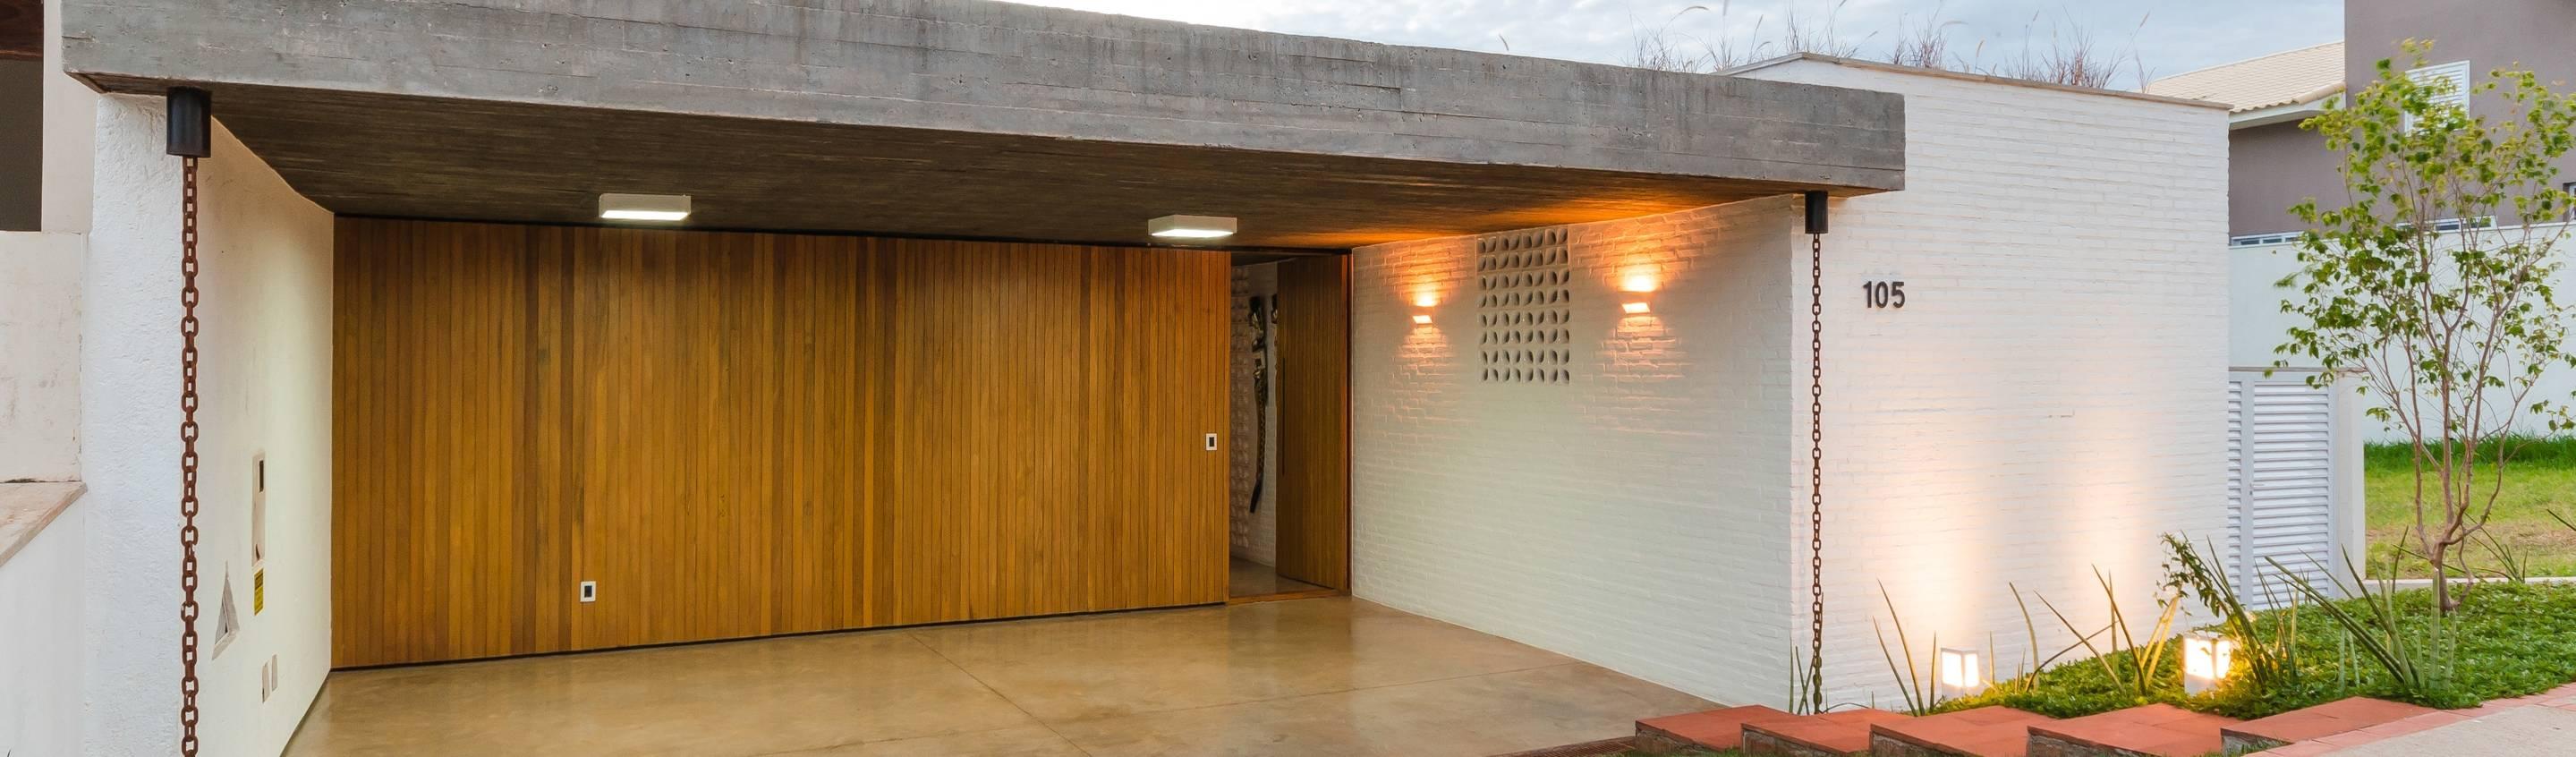 Diego Alcântara —Studio A108 Arquitetura e Urbanismo